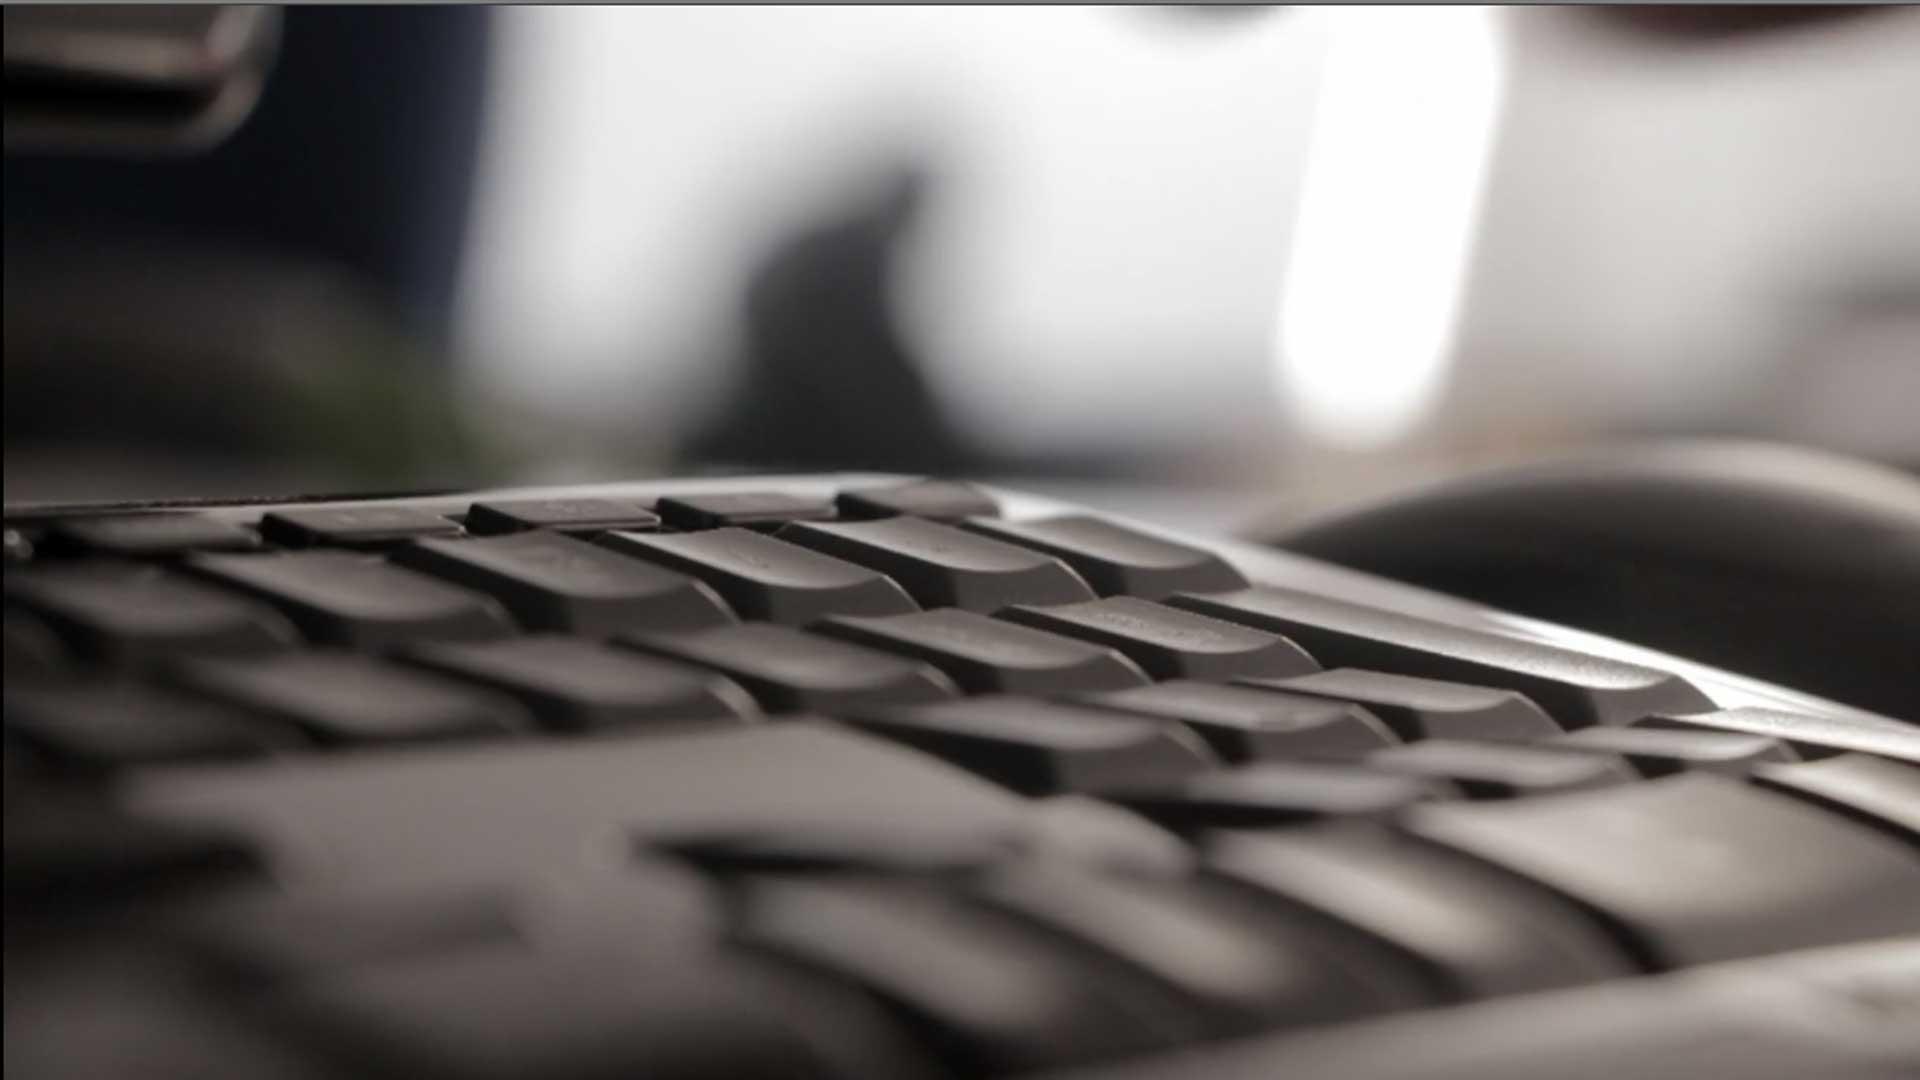 SOS PC – Venda Upgrade e Reparação de material informático. Recuperação de dados e Webdesign.